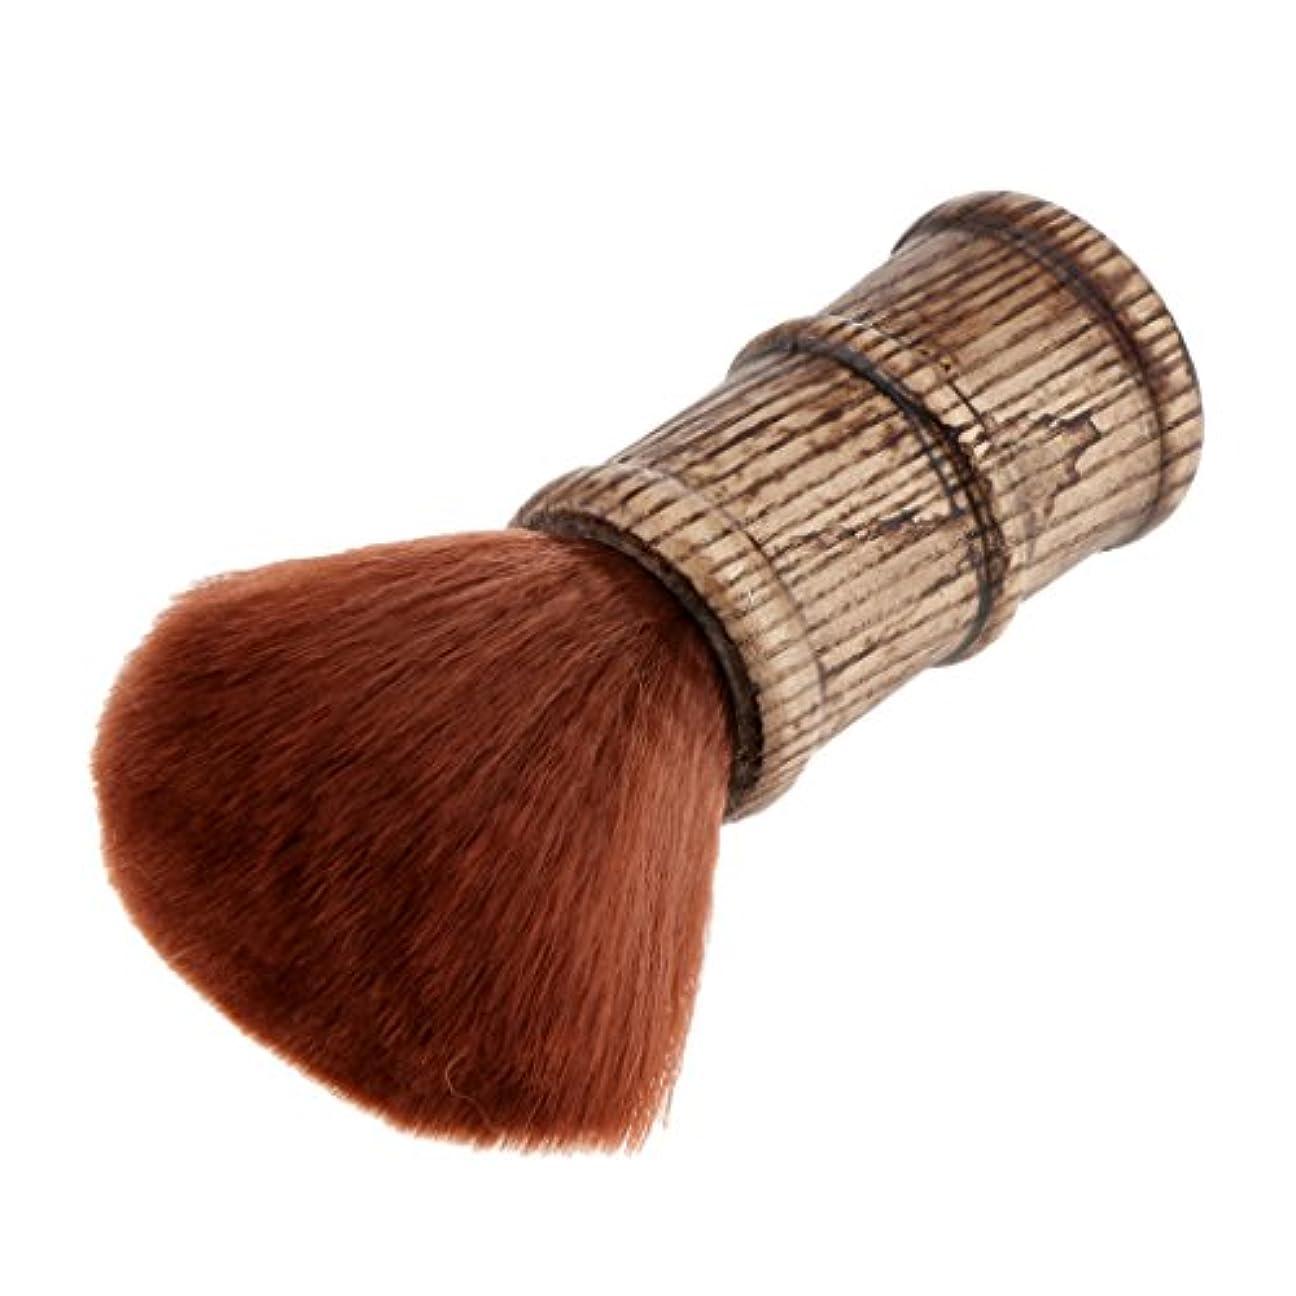 ホイップジョリーアコードヘアカット 散髪 ネックダスターブラシ ソフト クリーニングヘアブラシ ヘアスイープブラシ 2色選べる - 褐色